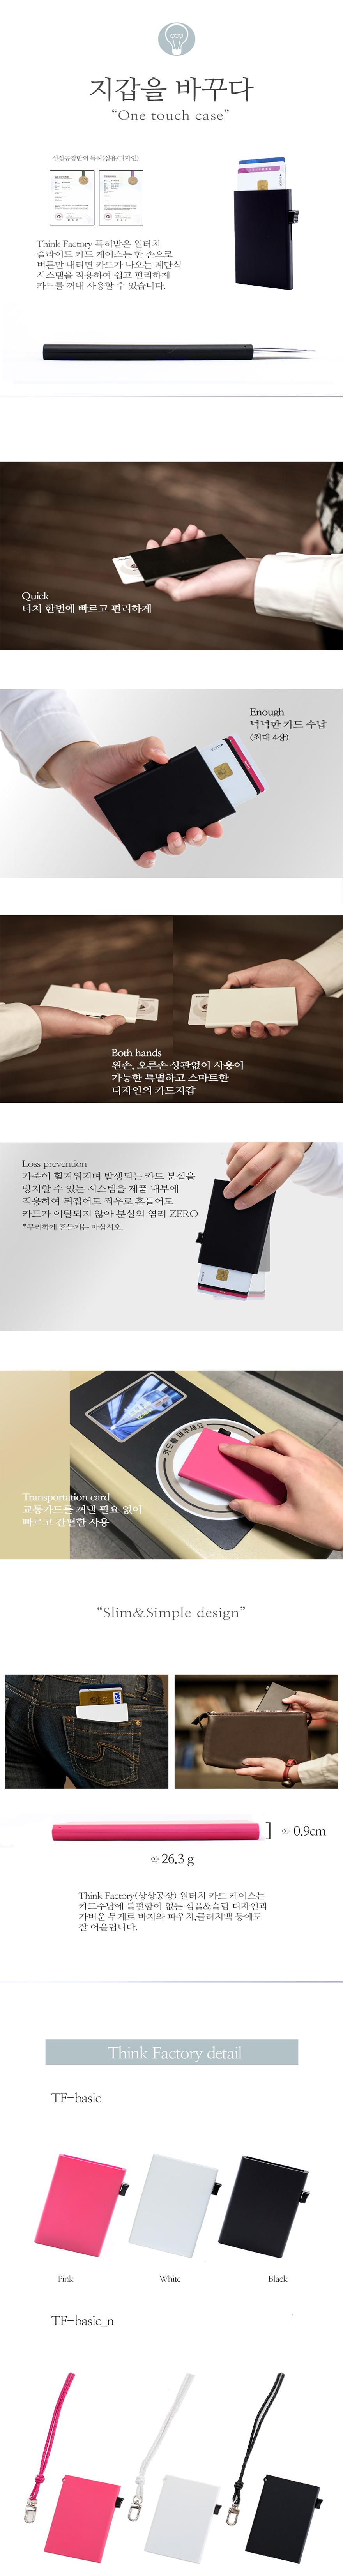 기본 목걸이형 카드톡 - 상상공장, 24,500원, 동전/카드지갑, 목걸이형카드지갑